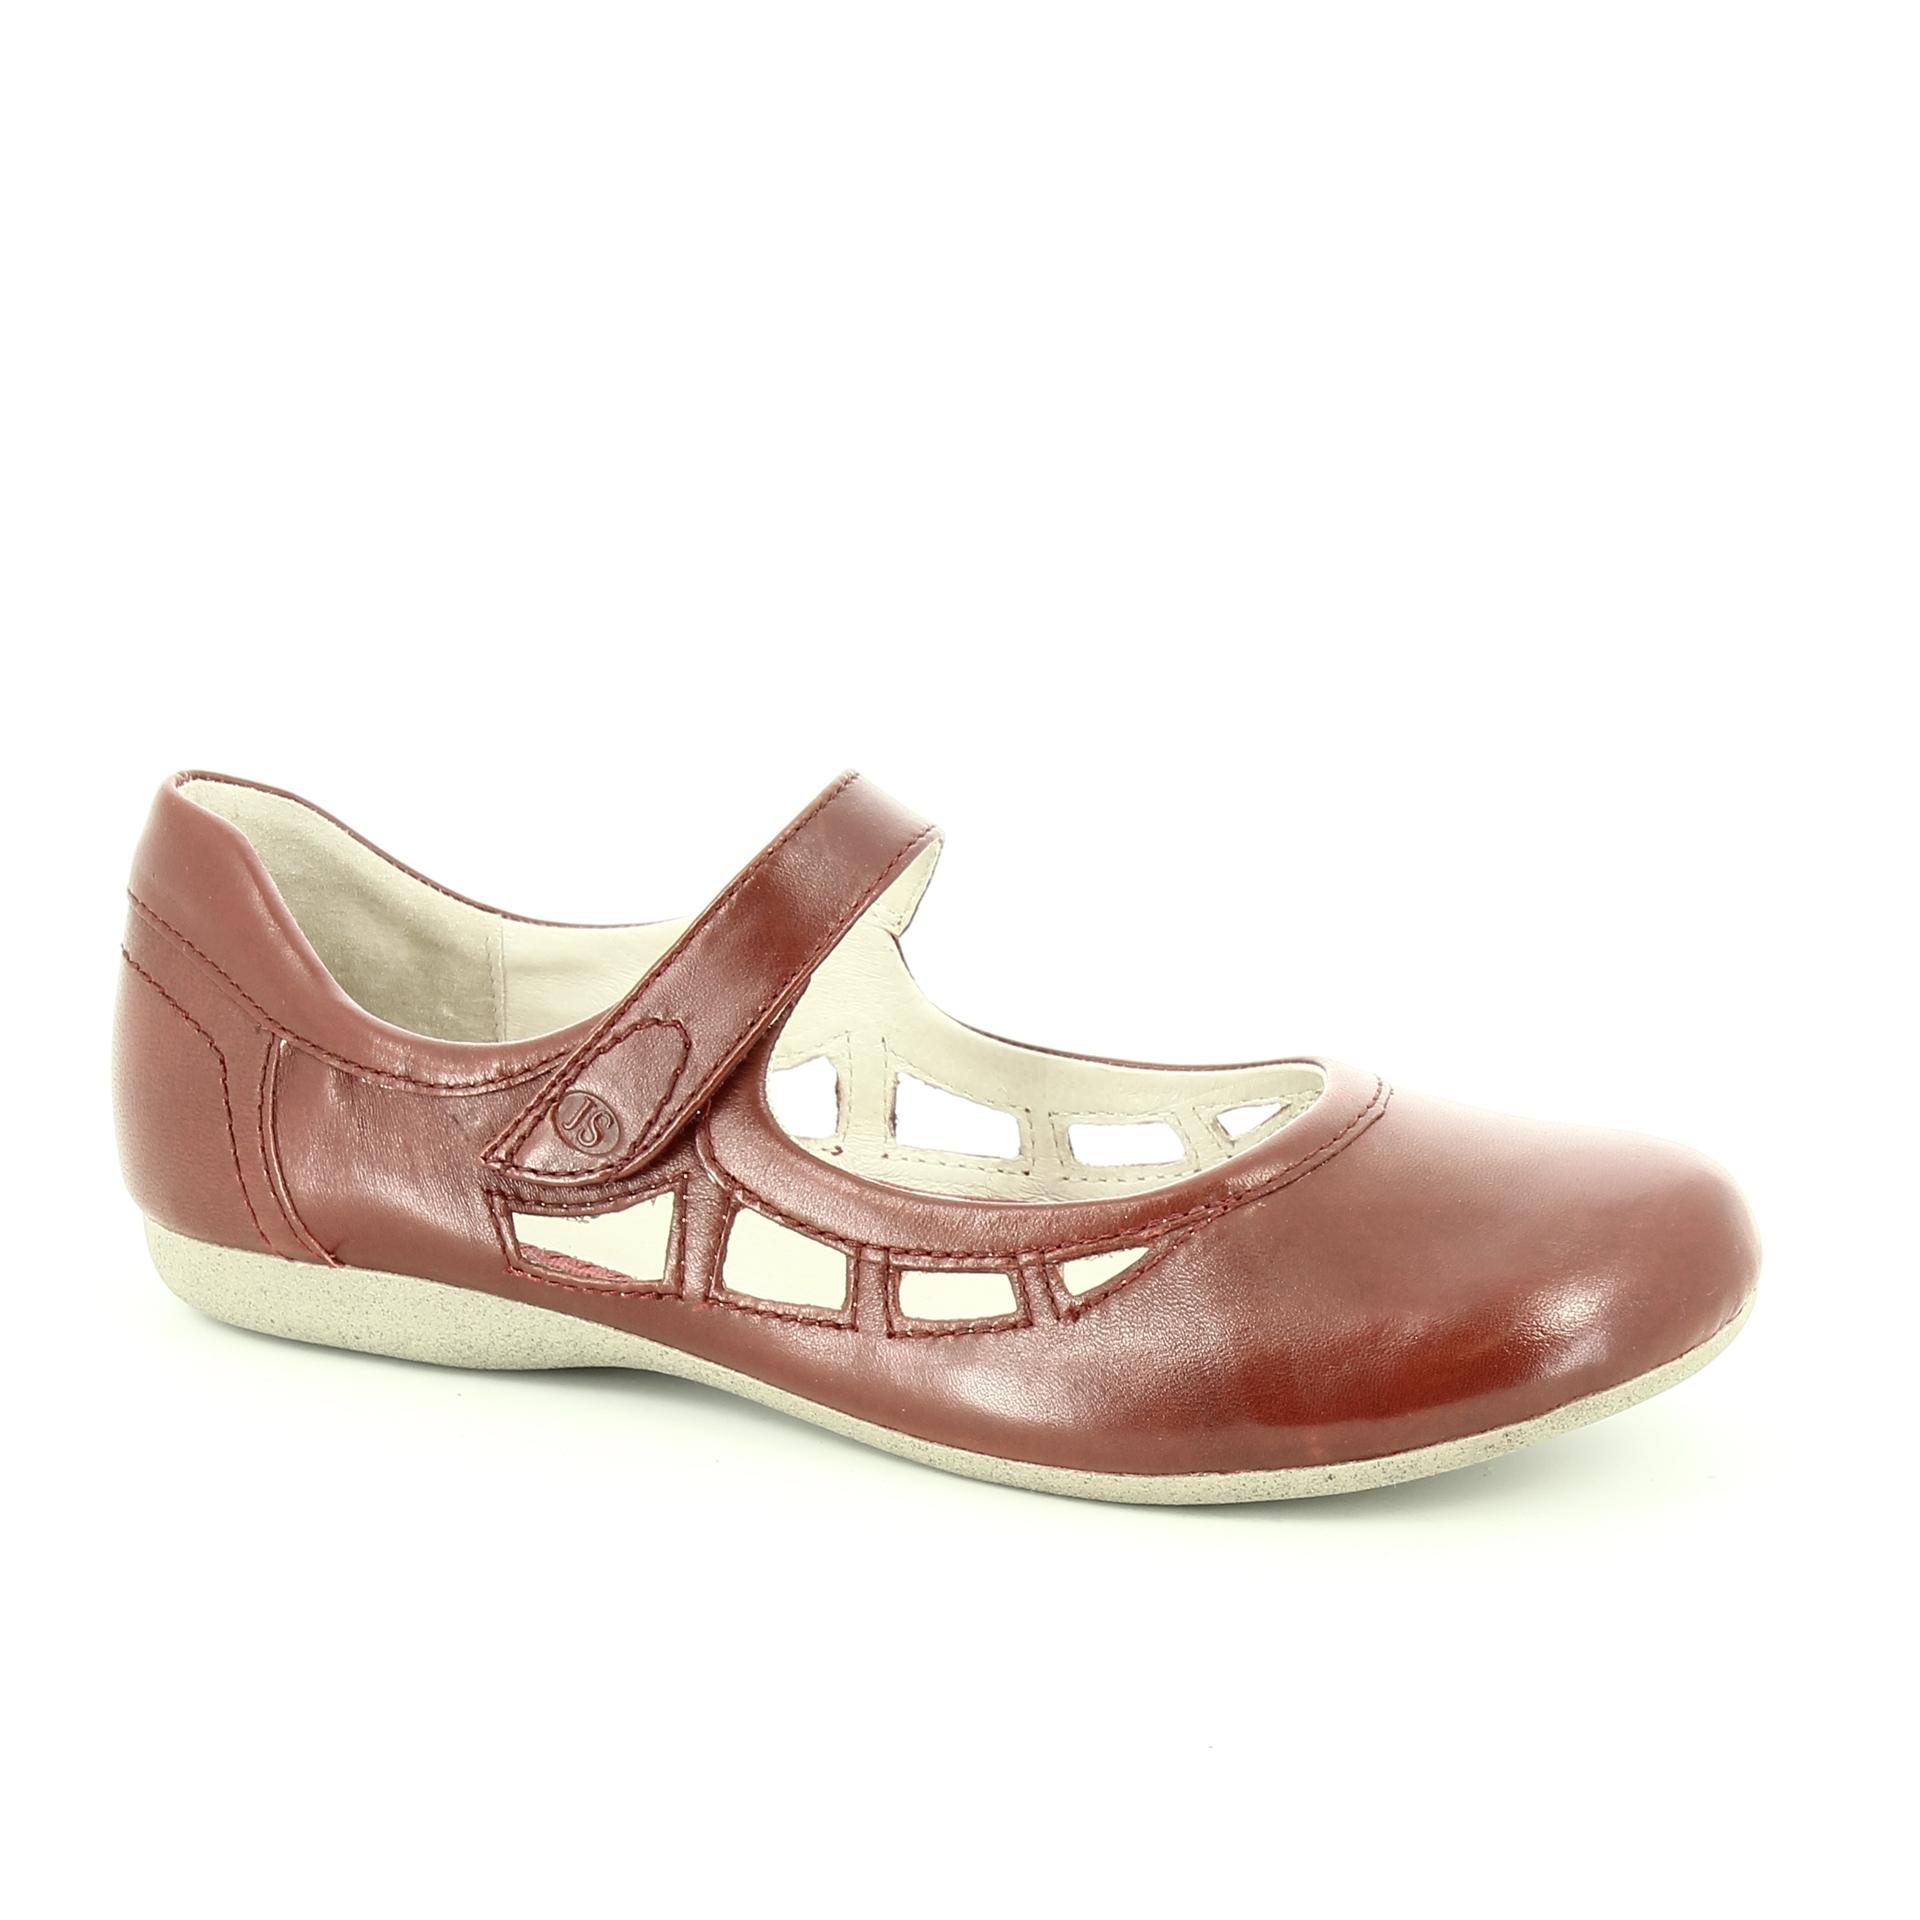 Bercolini Kényelmes cipők Aeros Me, női, szandál, bőr